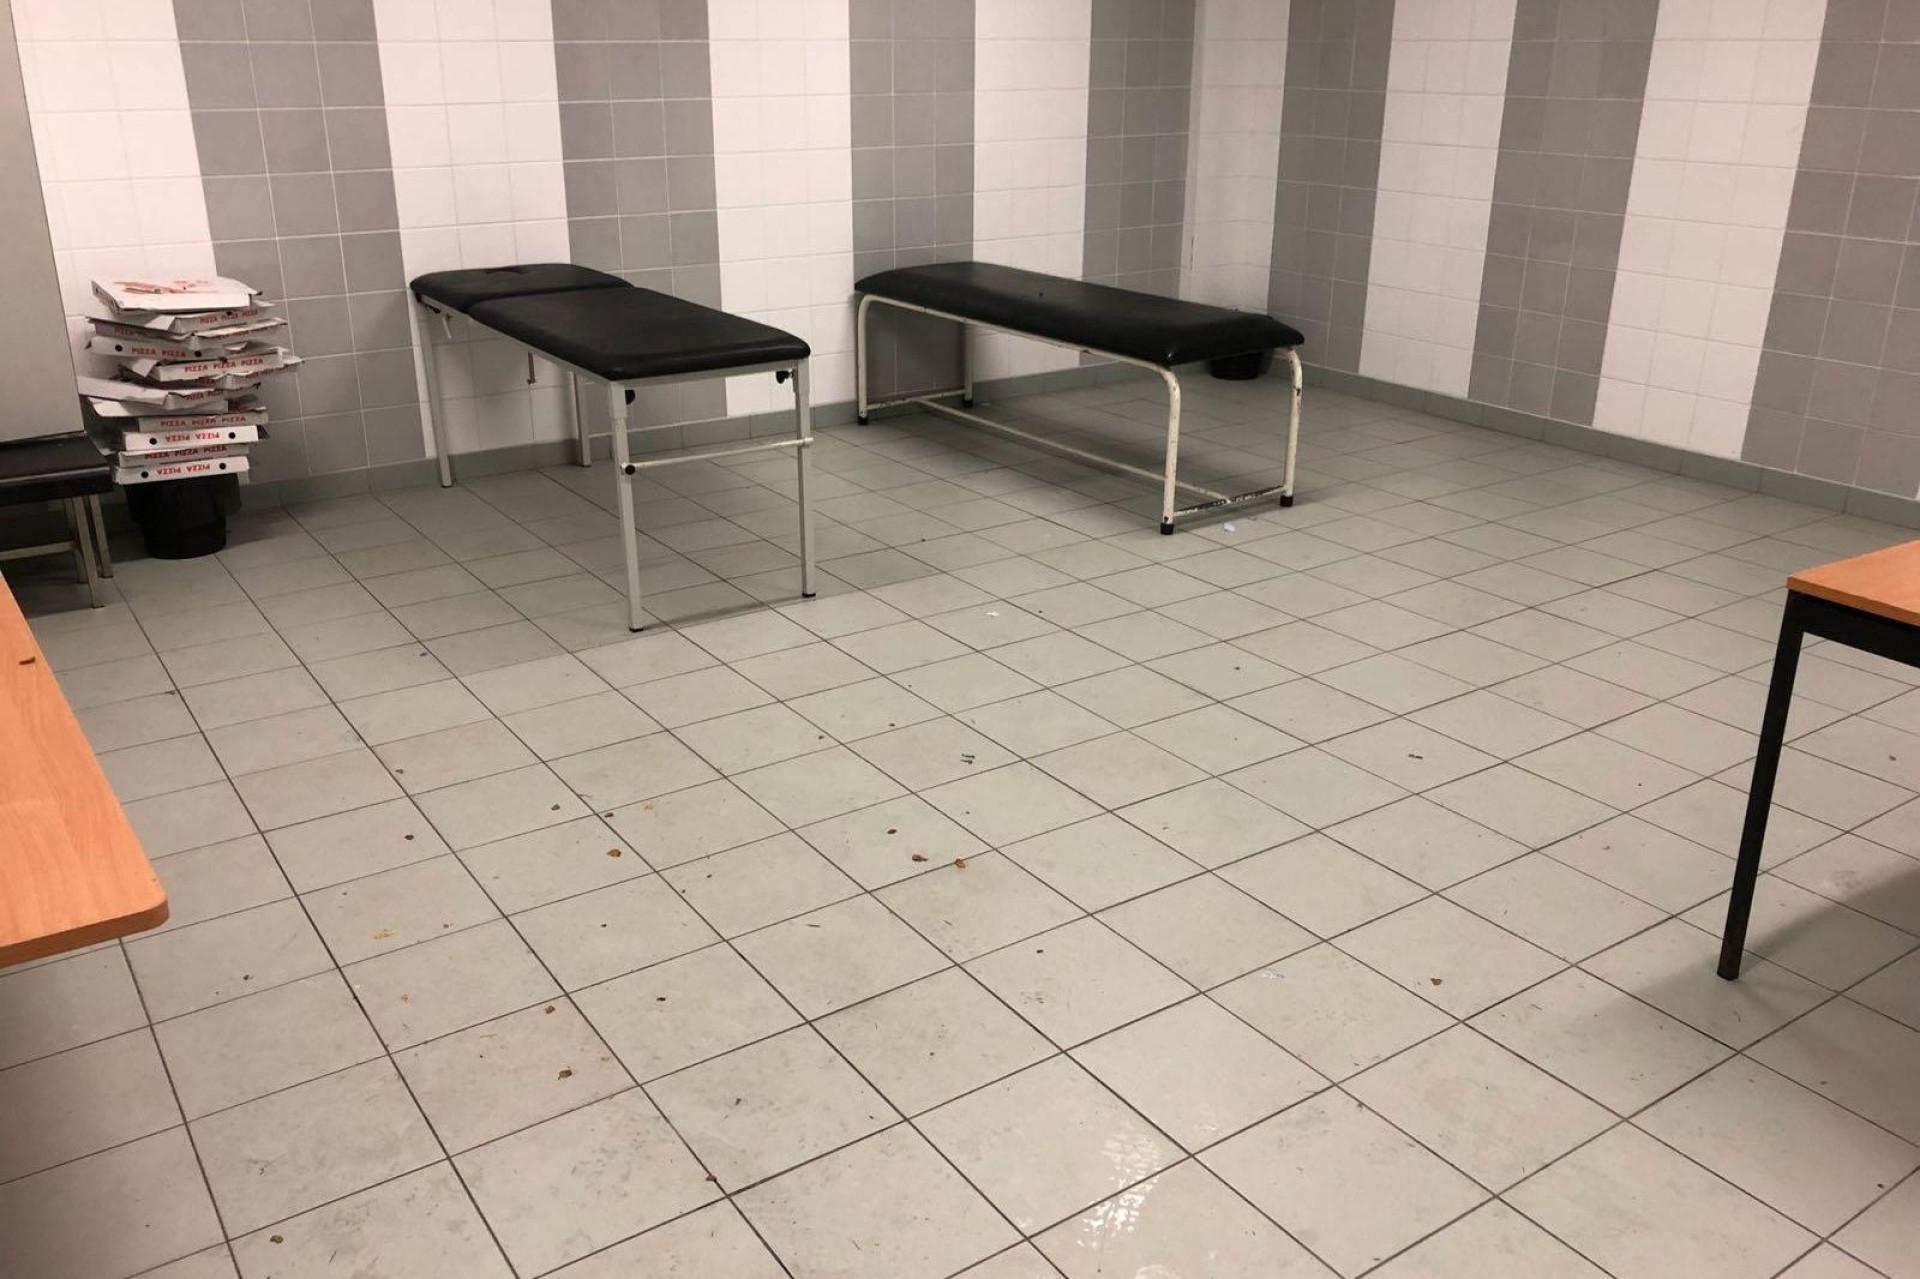 Foi assim que os jogadores do Feirense deixaram o balneário em Guimarães